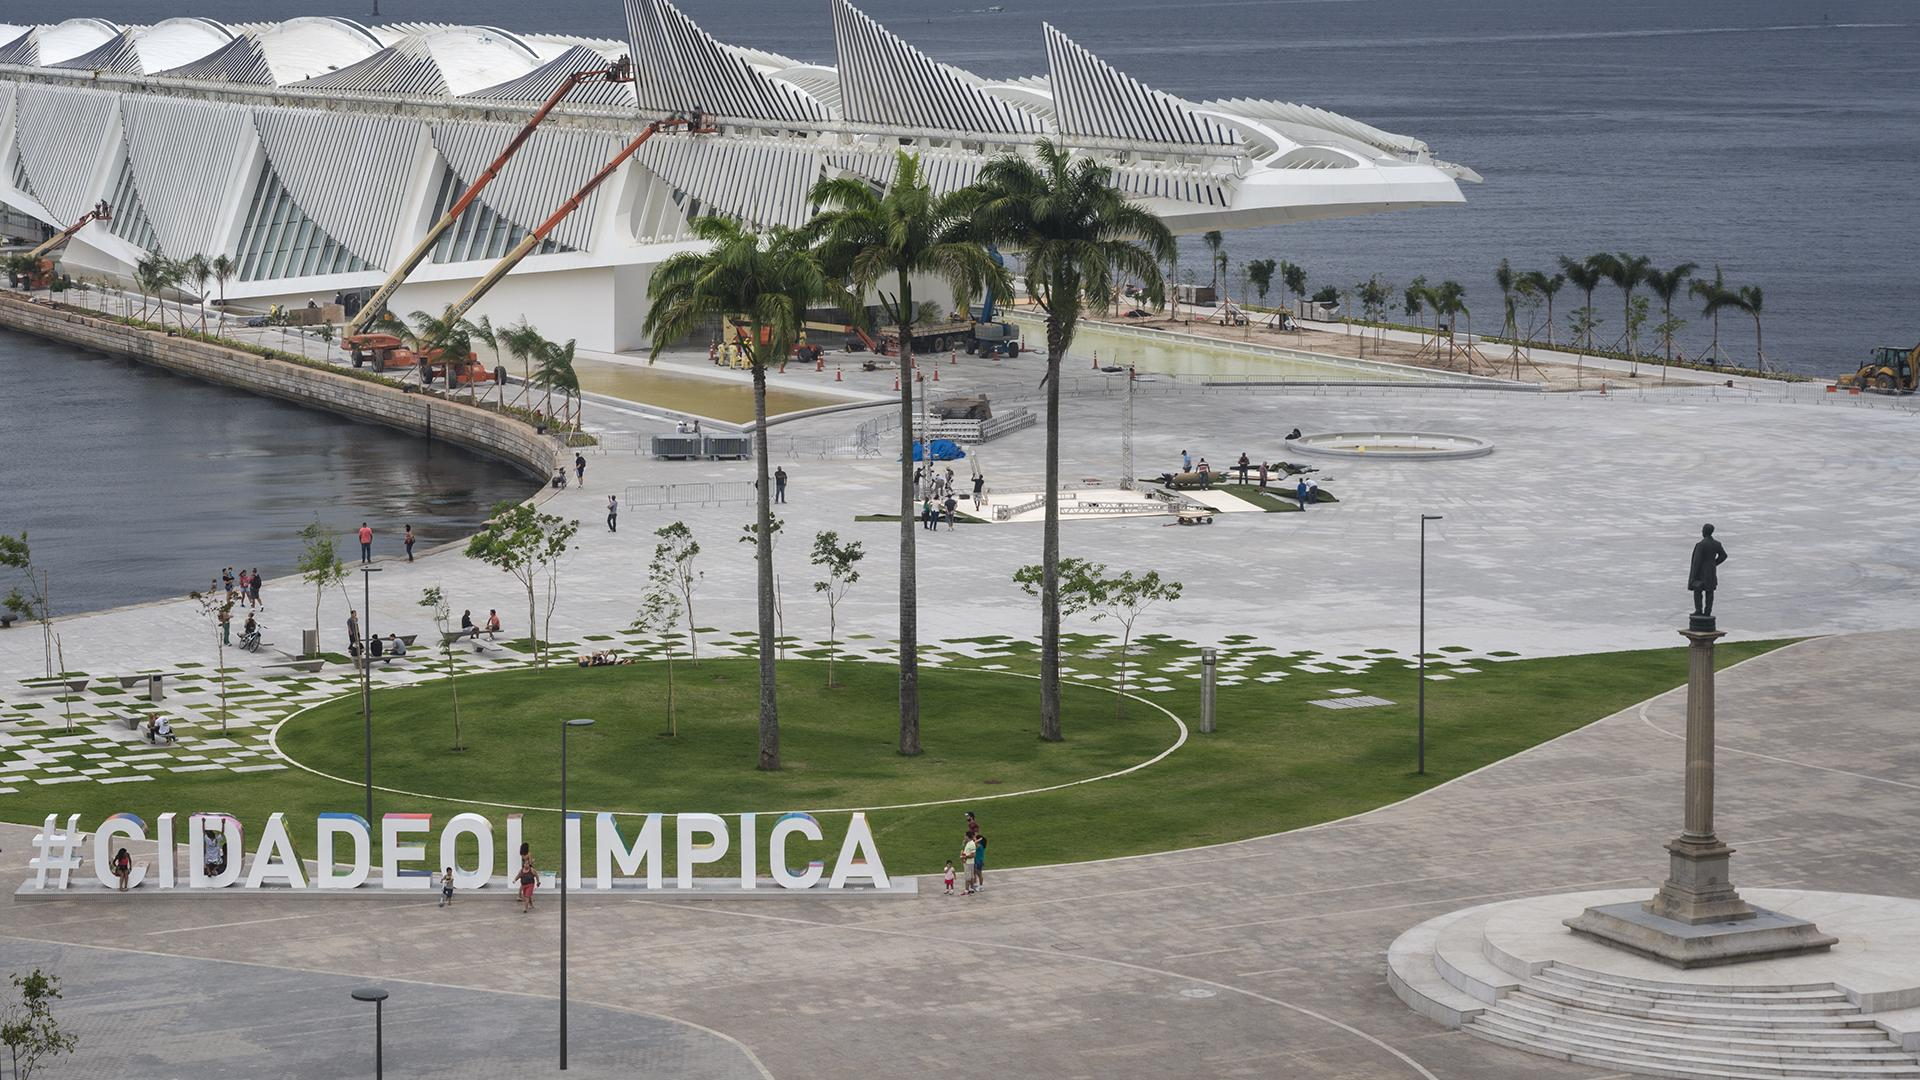 Estátua do Barão de Mauá, no centro da Praça / Foto: Cesar Barreto - Museu do Amanhã